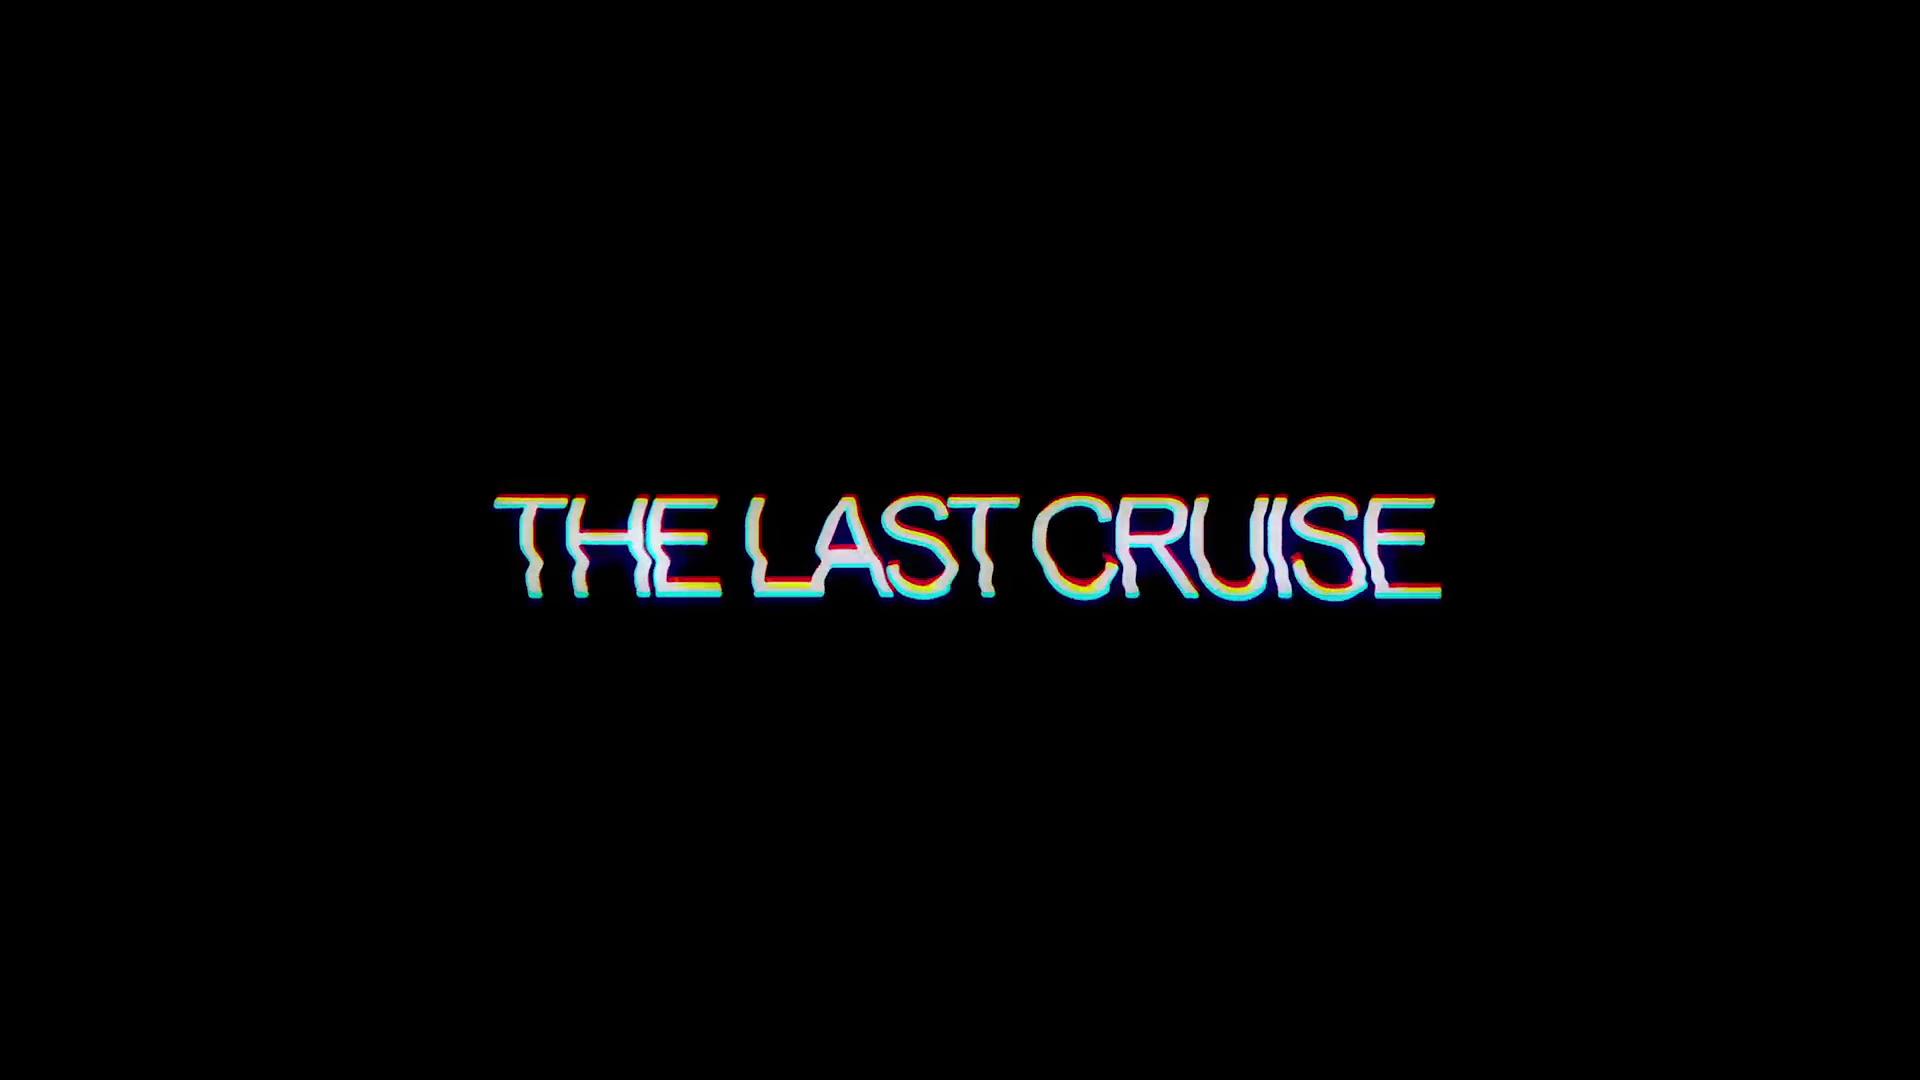 El último crucero (2021) 1080p WEB-DL Latino